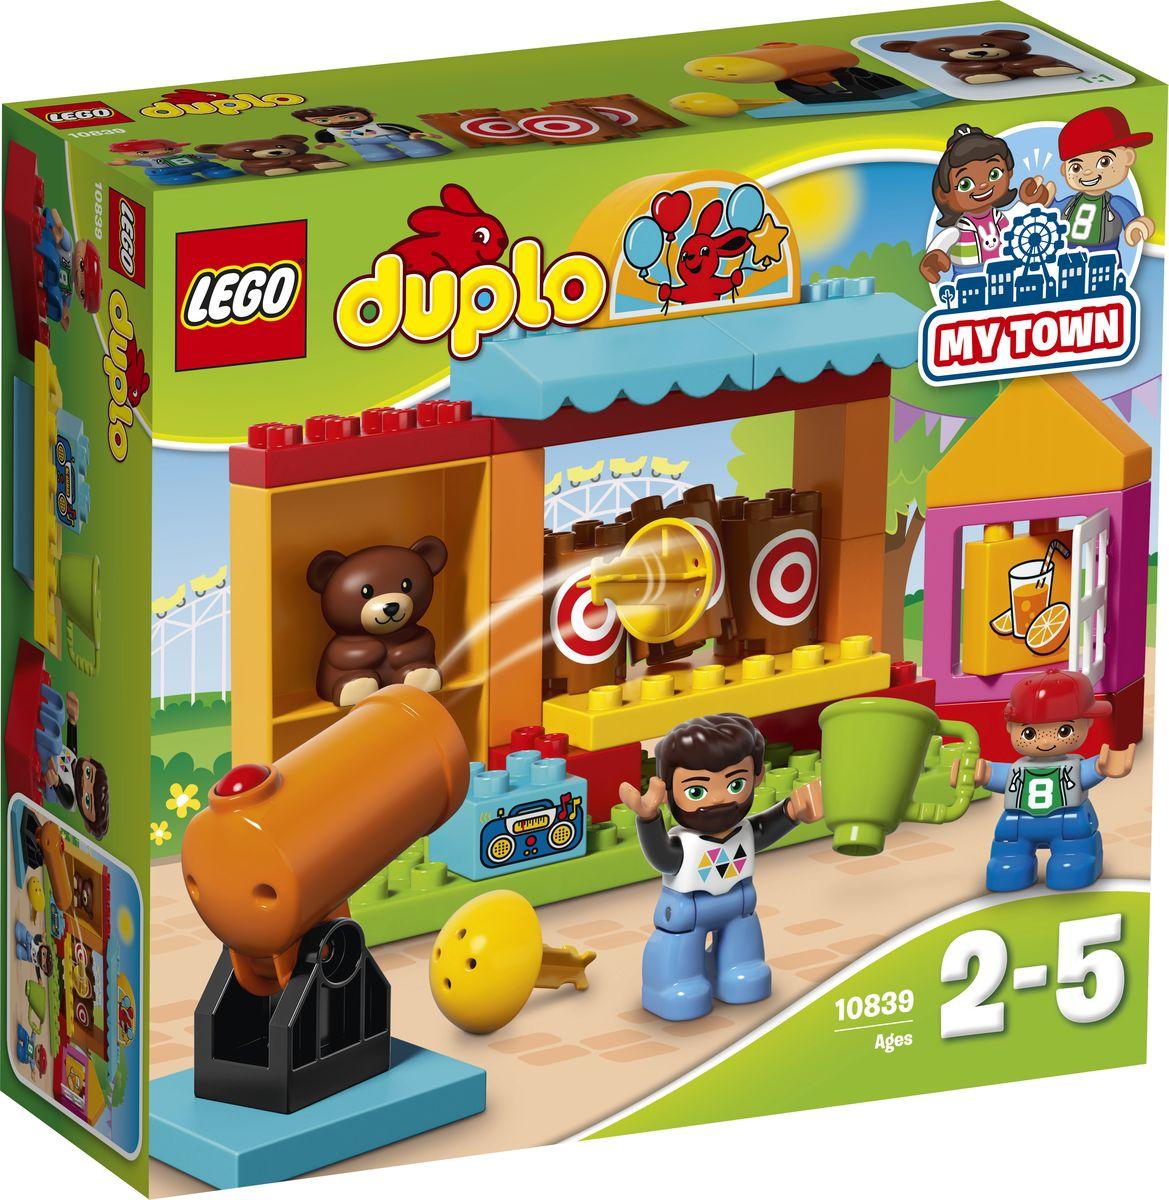 LEGO DUPLO My Town Конструктор Тир 10839 - Игрушки для малышей